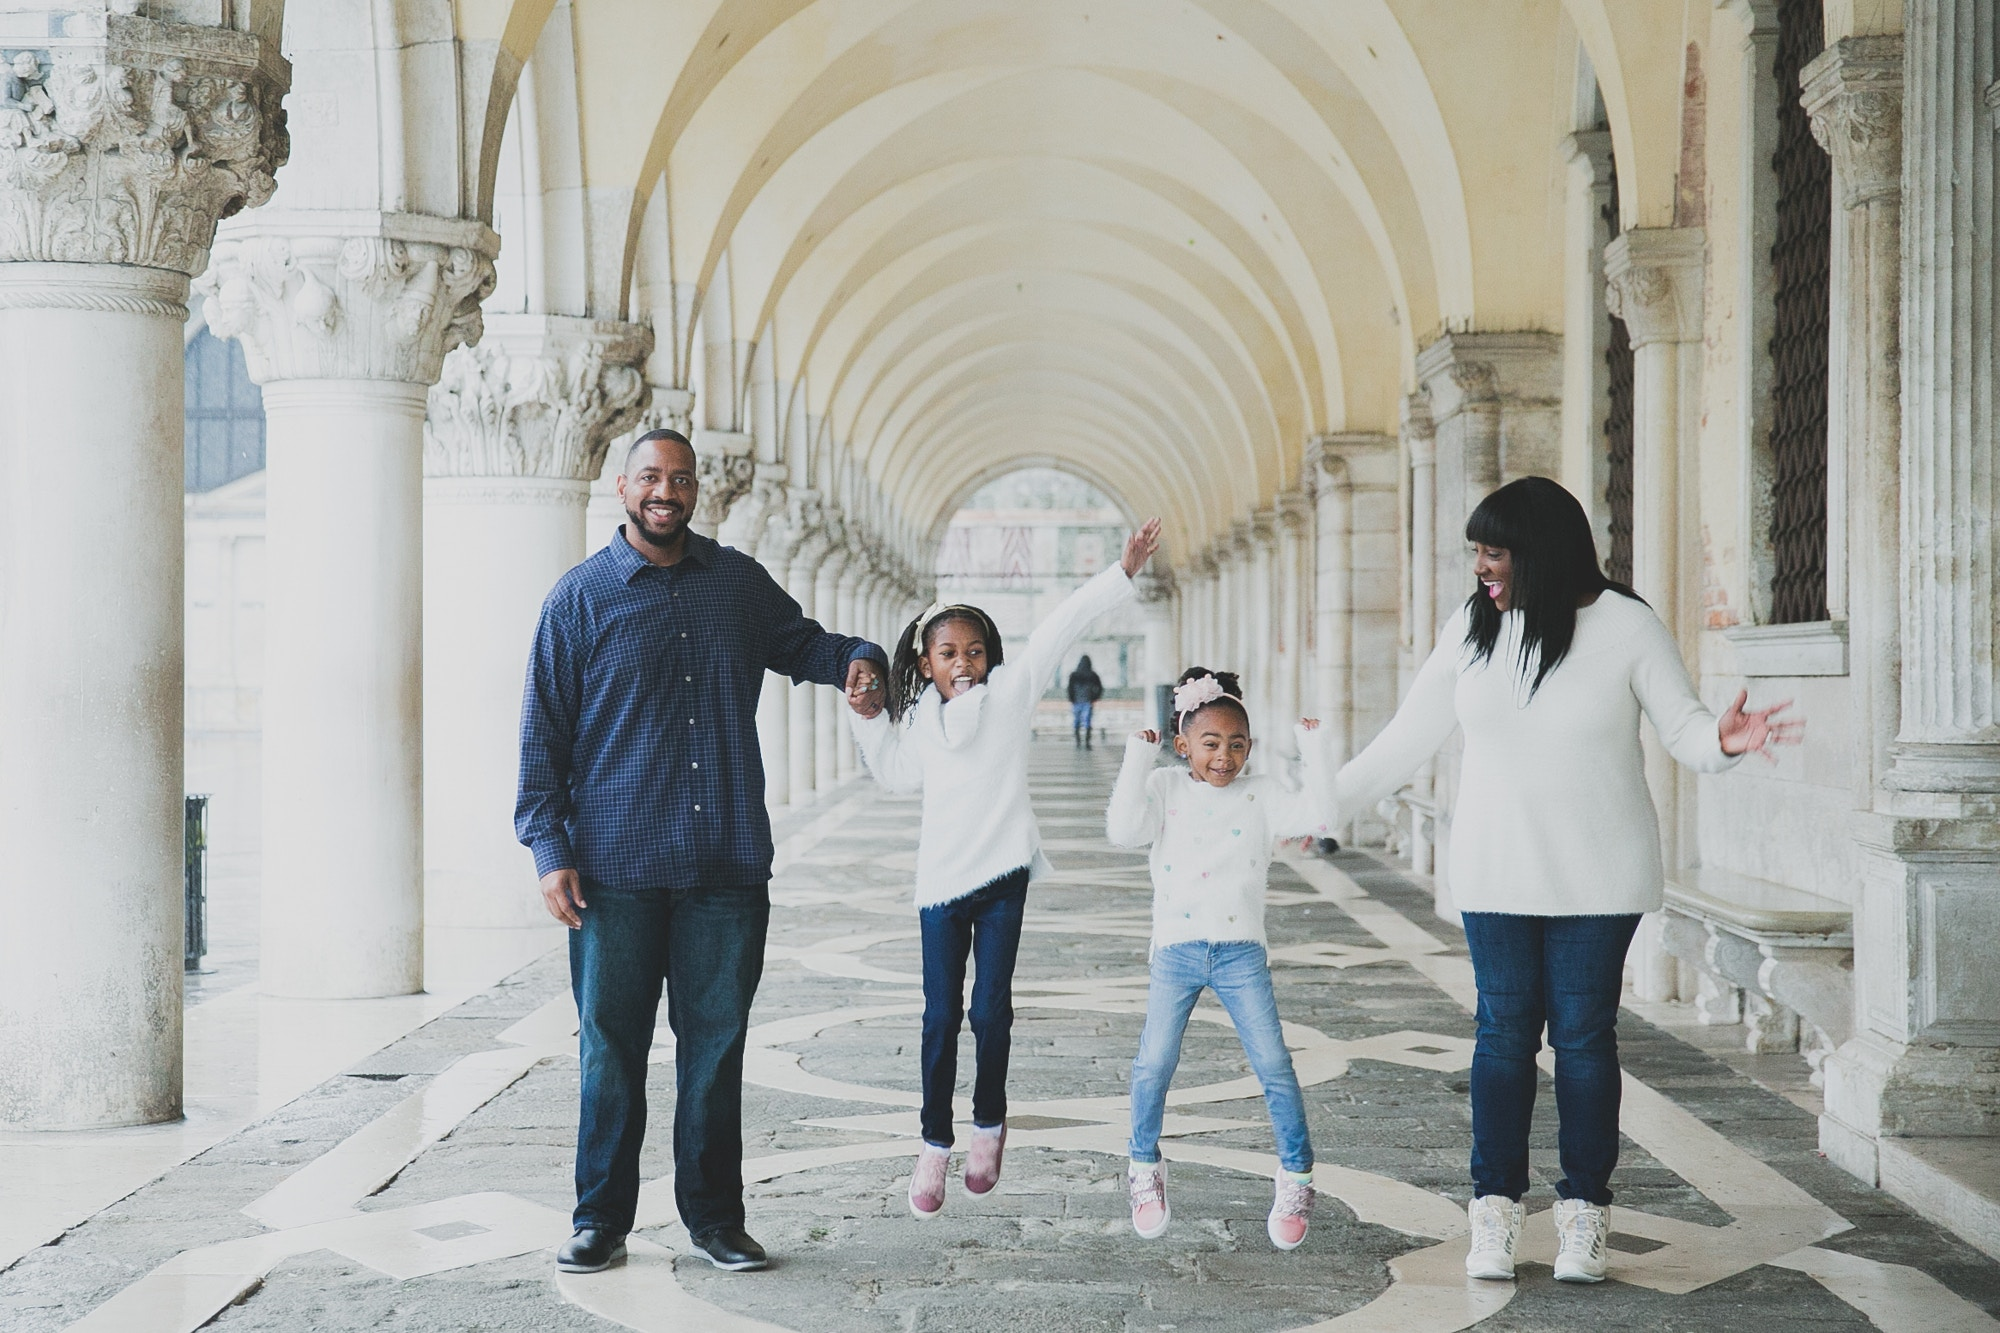 The Spring Break Family posing under some arches © the Spring Break Family